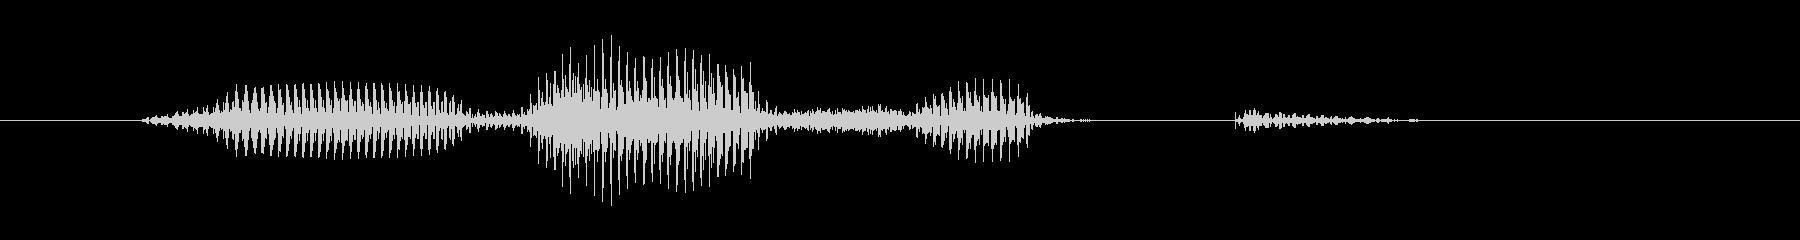 オーバーショットの未再生の波形